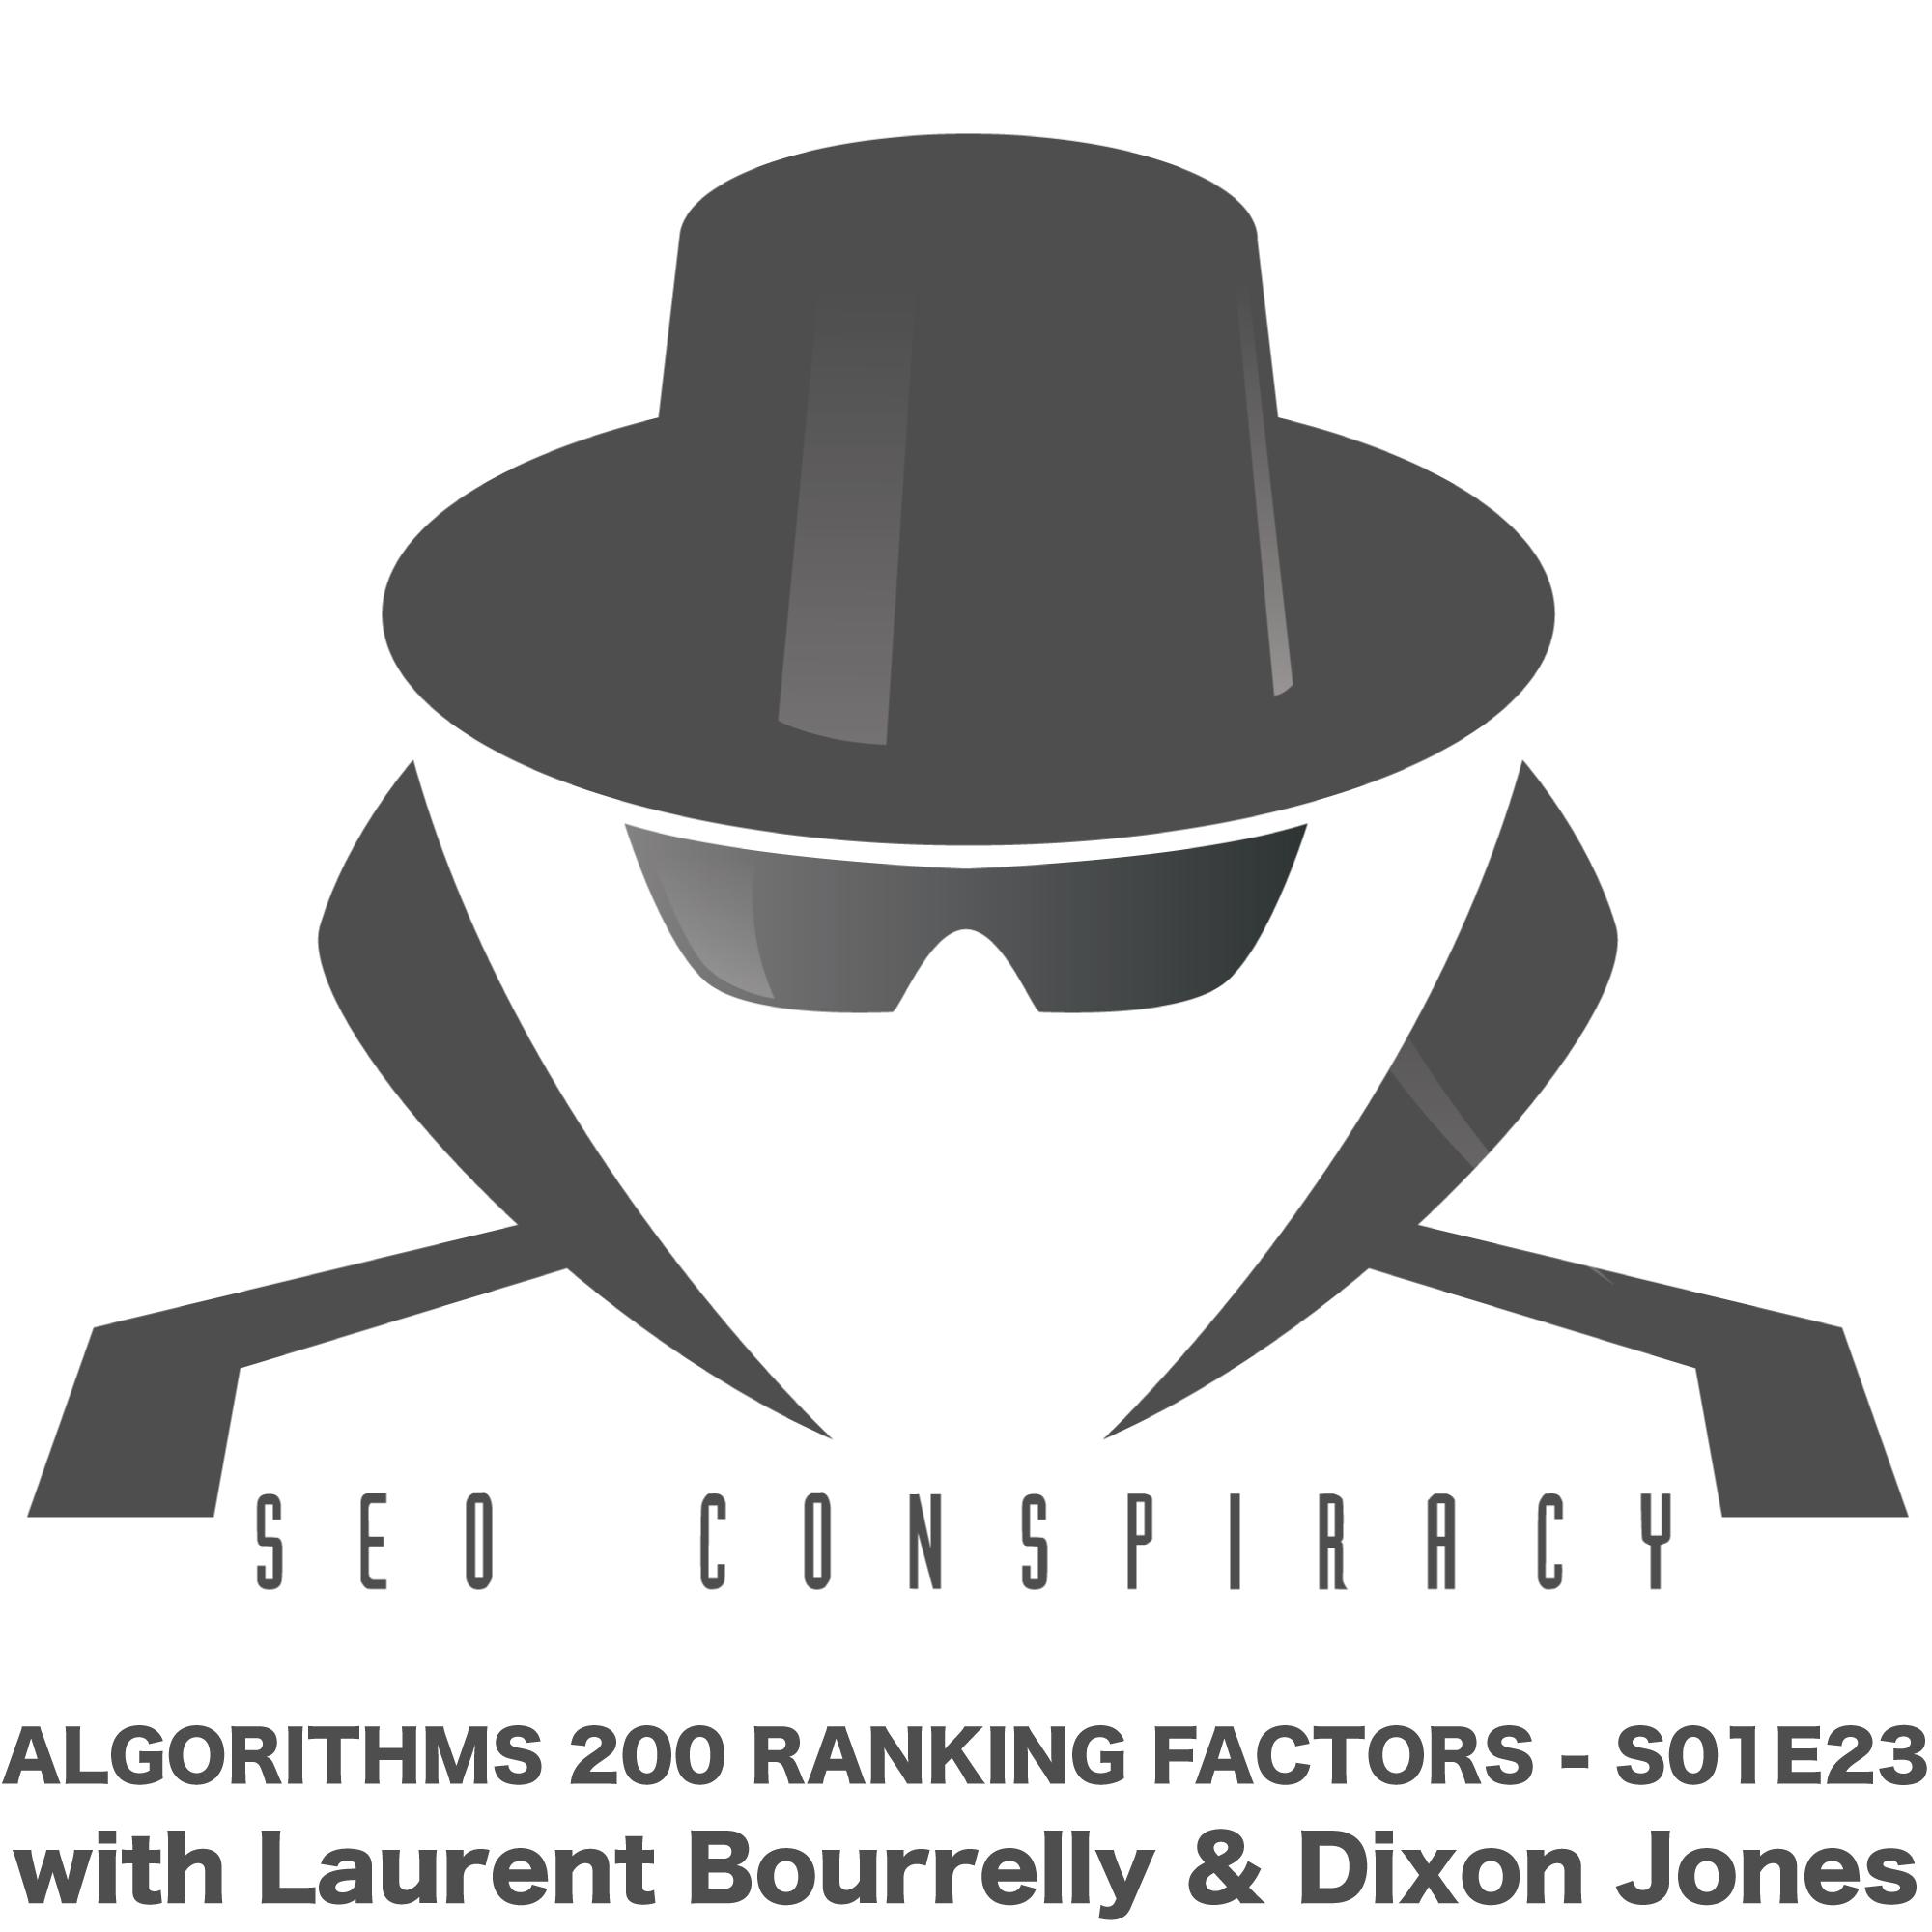 Google Algorithms 200 Ranking Signals -  SEO Conspiracy S01E23